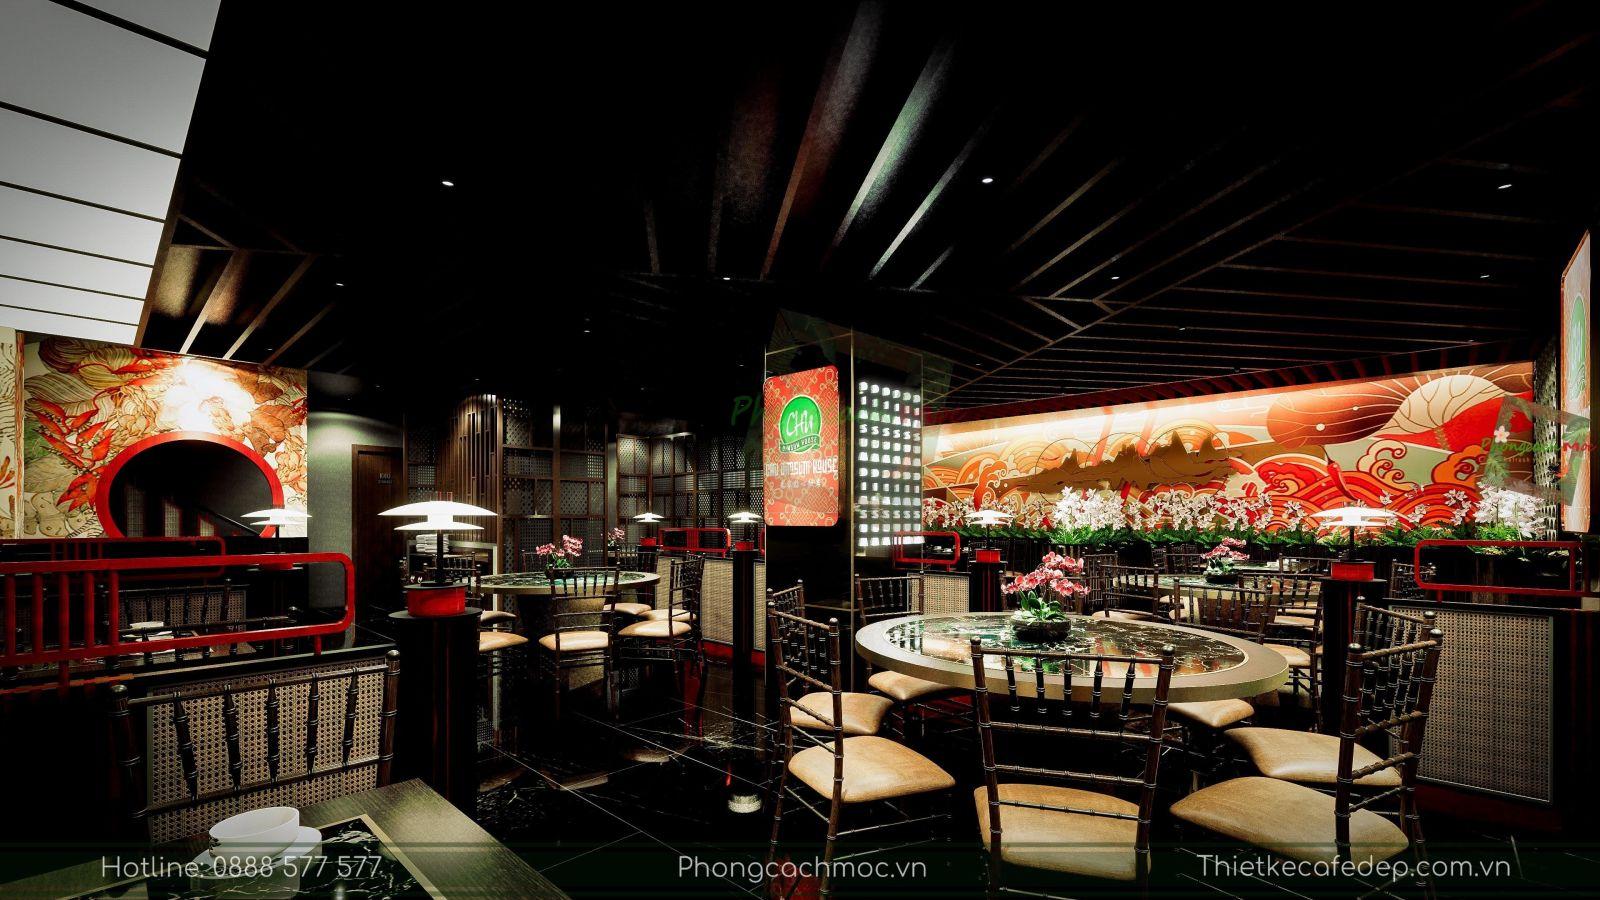 thiết kế nhà hàng trung hoa - không gian tầng trệt - nét văn hóa độc đáo - 7